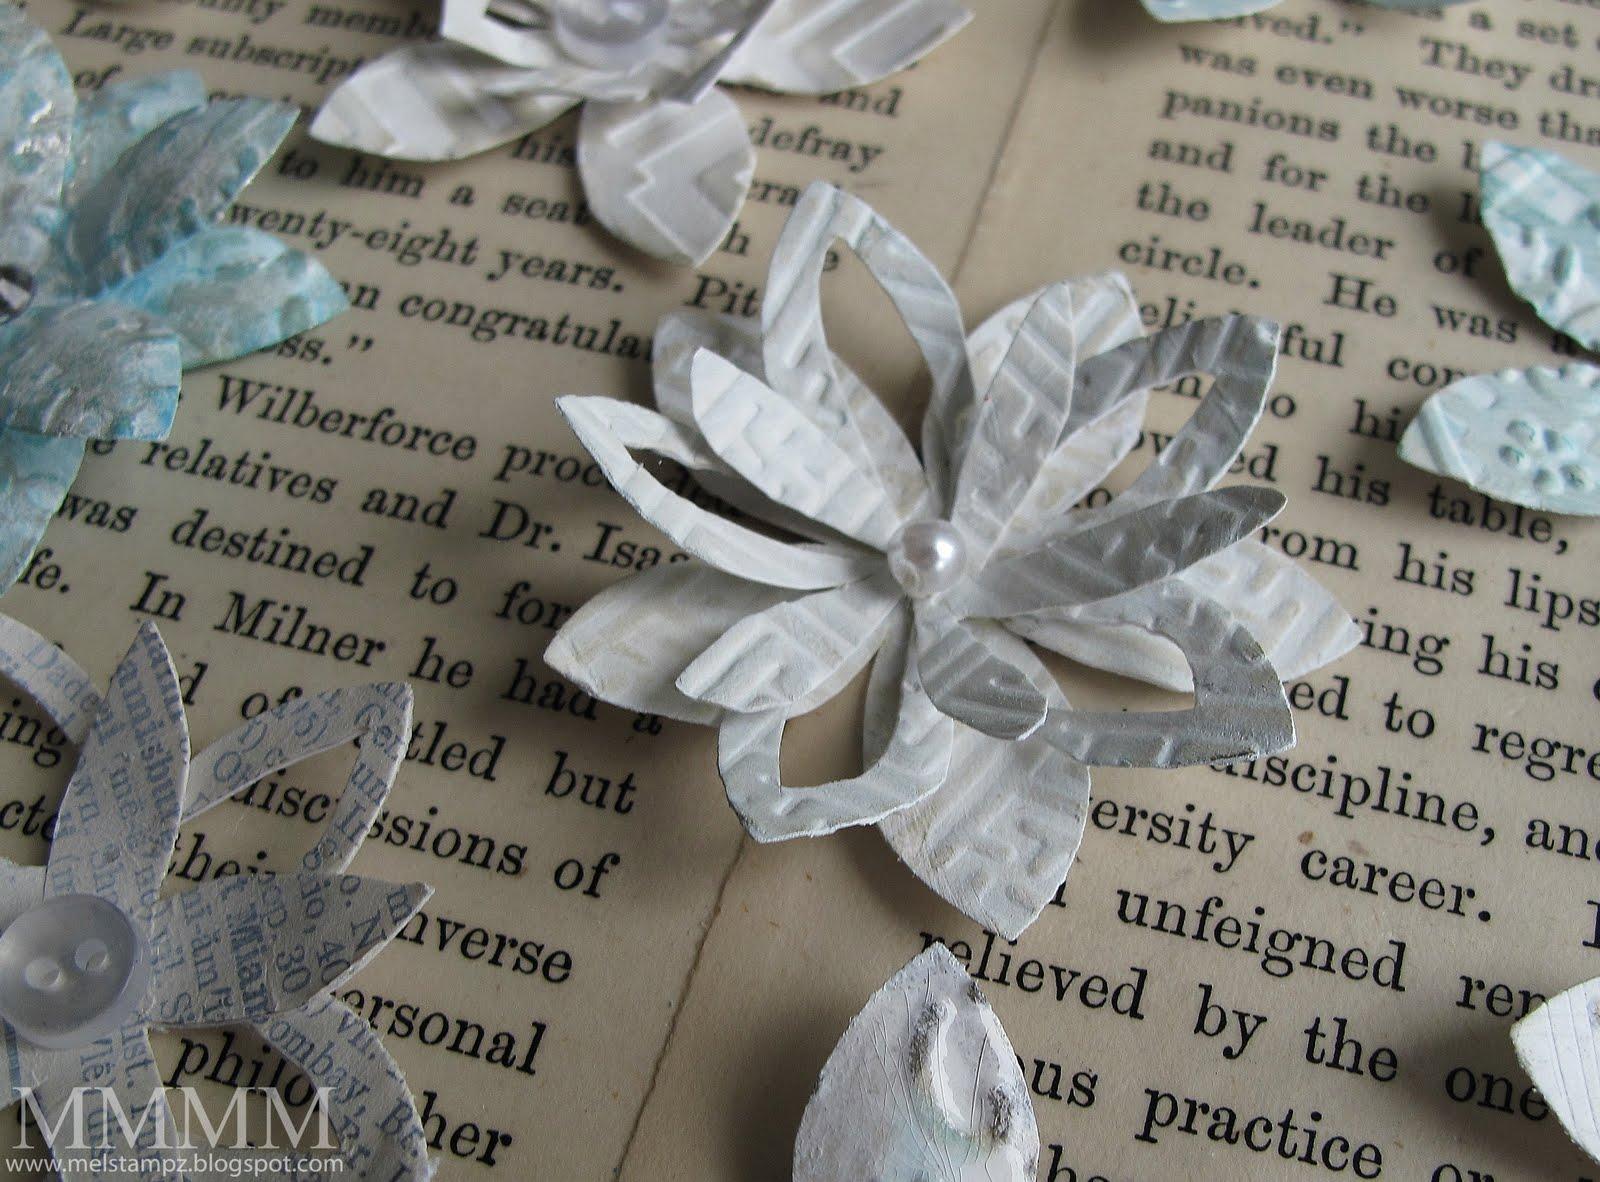 http://1.bp.blogspot.com/_B5nNZ6dCV3s/S7a8gKn8g0I/AAAAAAAAQ5M/sUVXaCi6cN4/s1600/A+finished+five+petal+EK+success++flower+punch+--outline+flower+mel+stampz+-+Copy.JPG